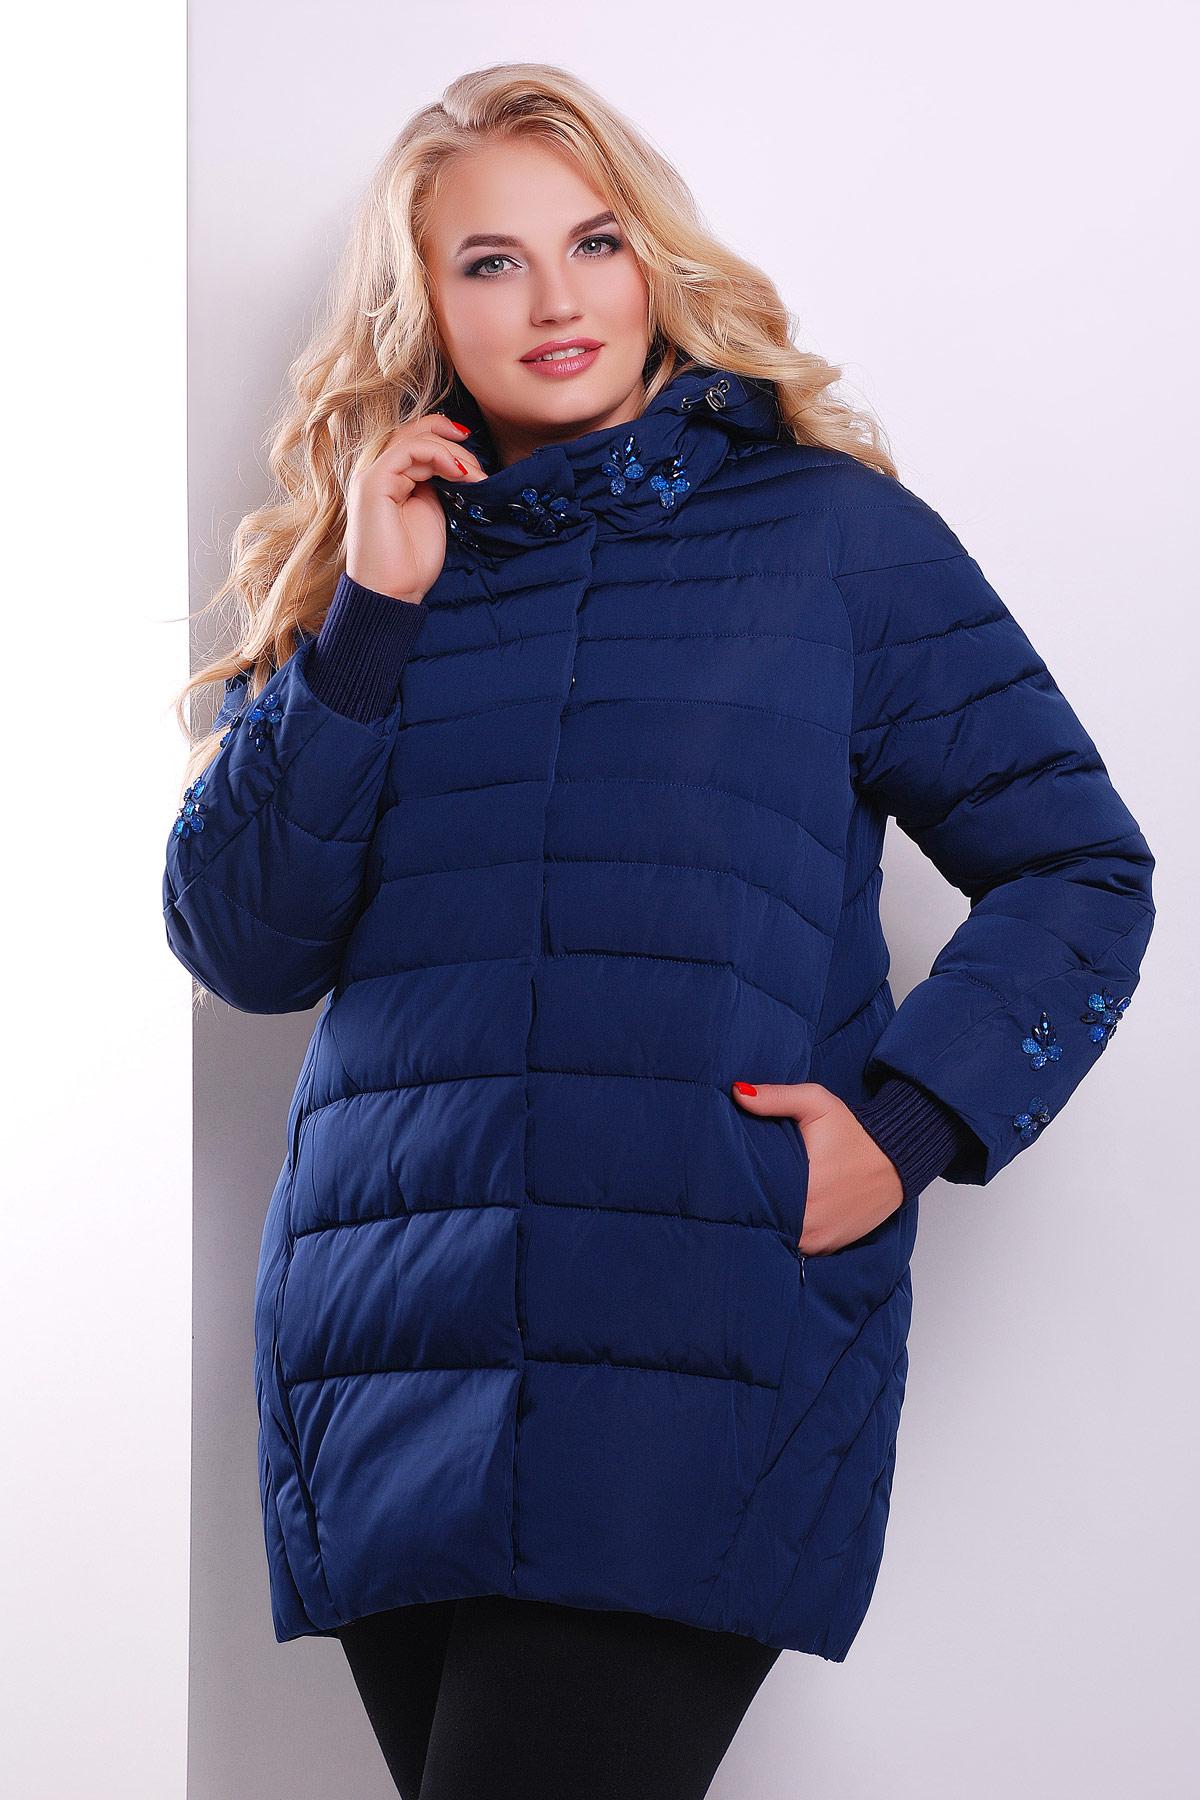 1b6ea775ff8 Зимняя темно-синяя женская куртка с камнями. Куртка 210. Цвет  темно синий